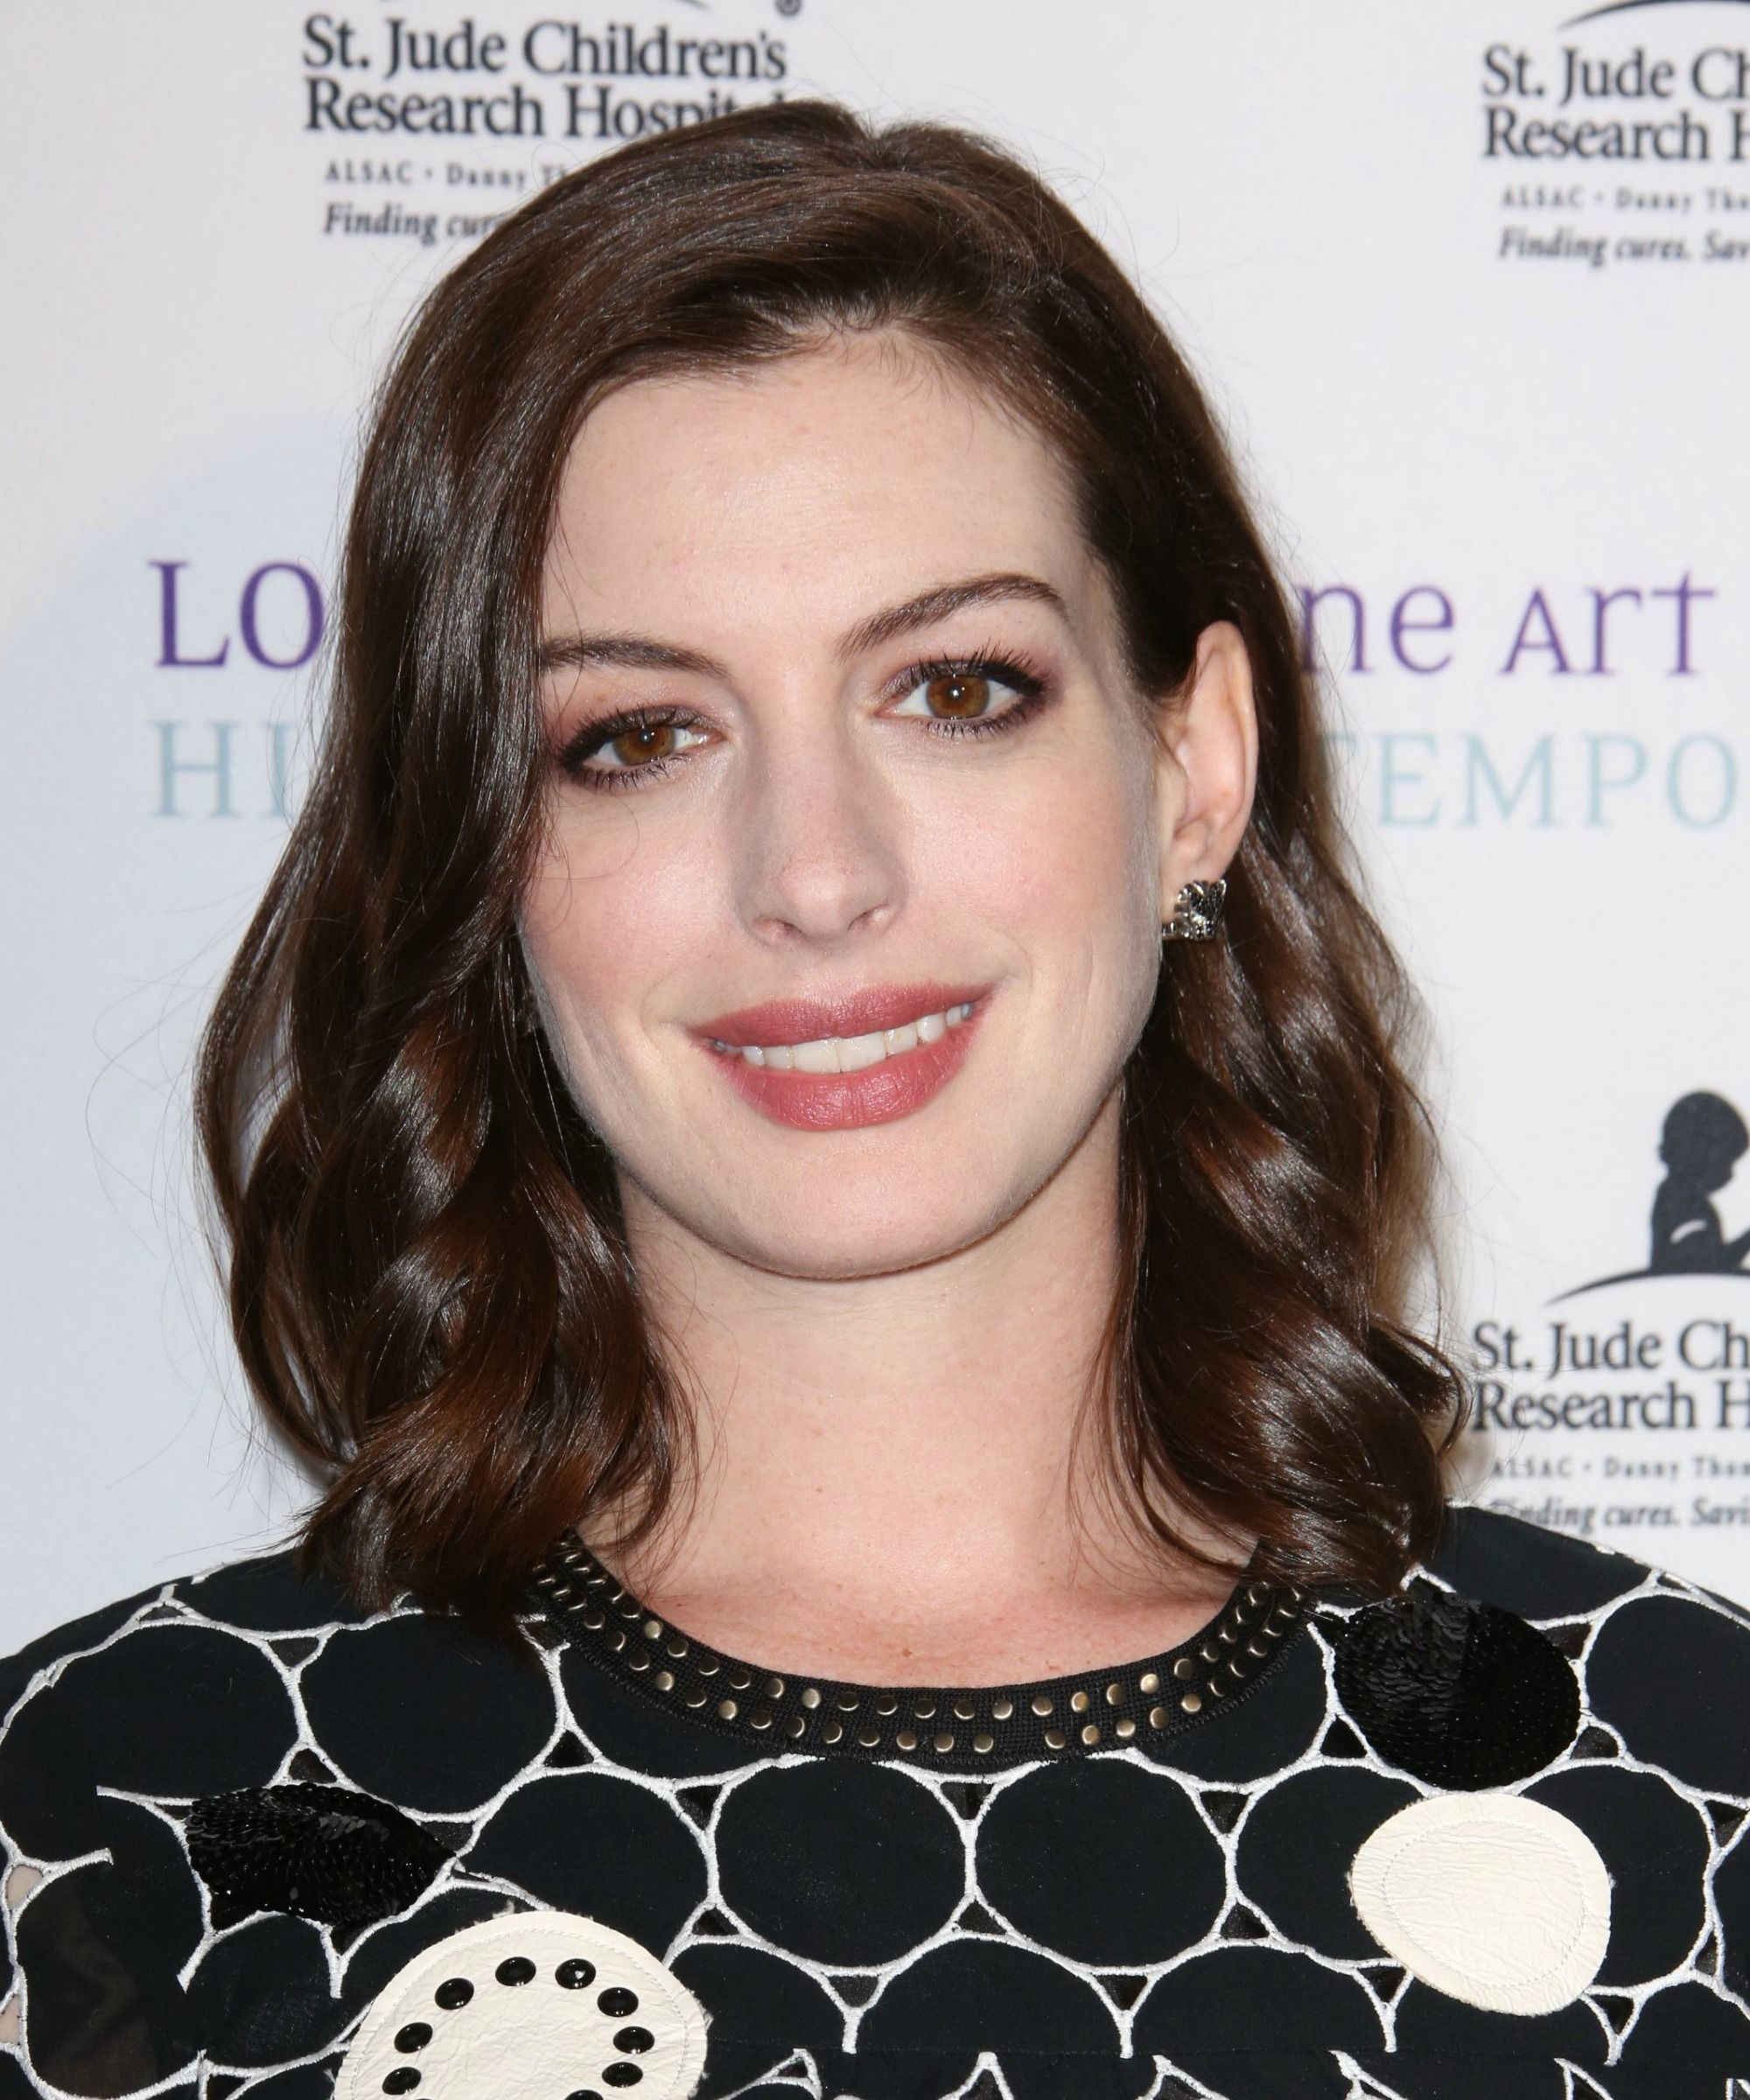 Anne Hathaway Movie 2019: Anne Hathaway Shares New Blonde Locks On Instagram In 2019